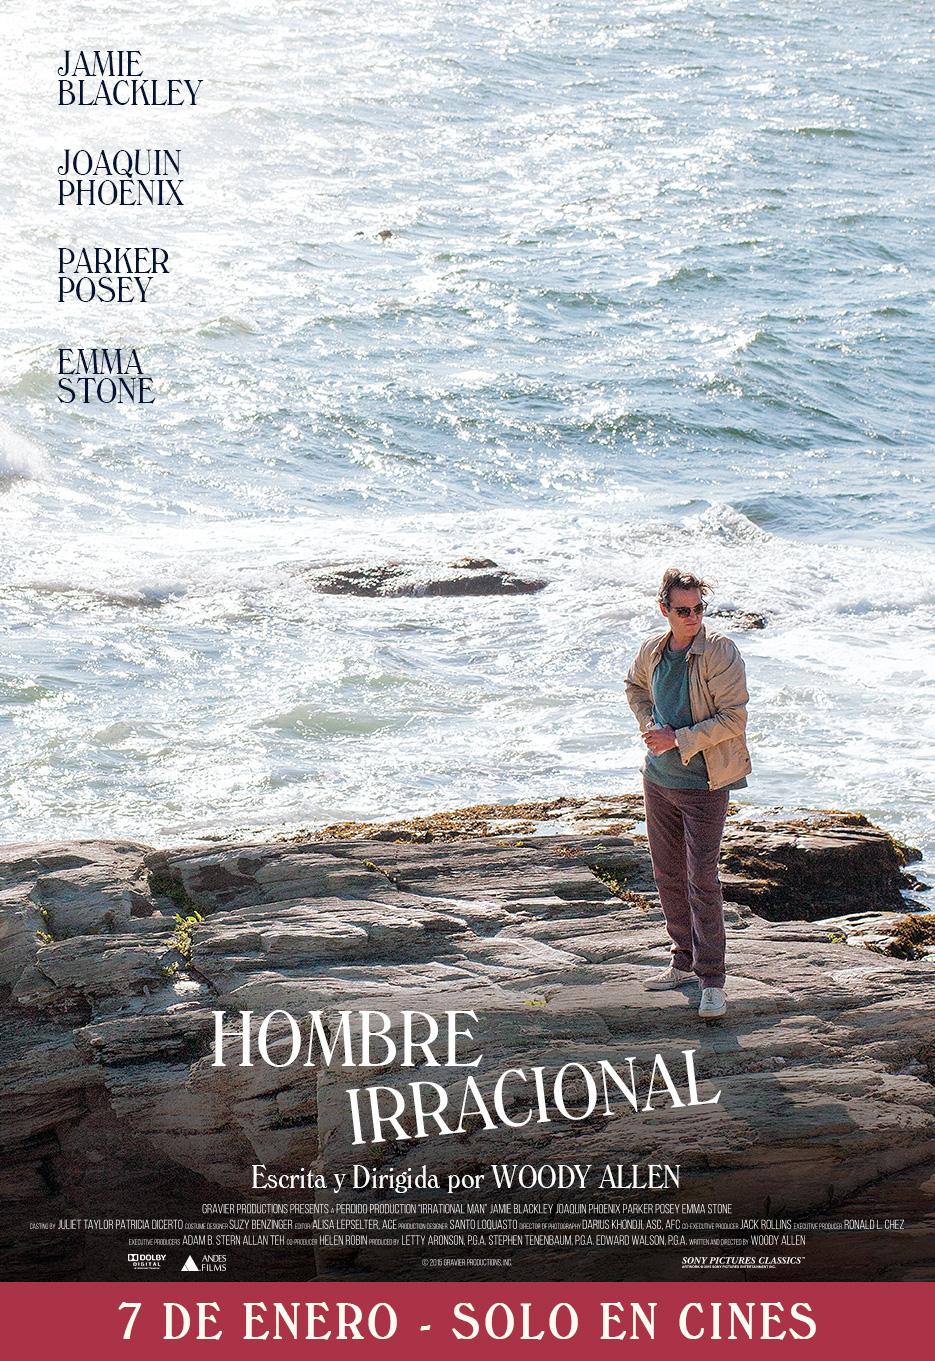 http://www.andesfilms.com.pe/hombre-irracional/